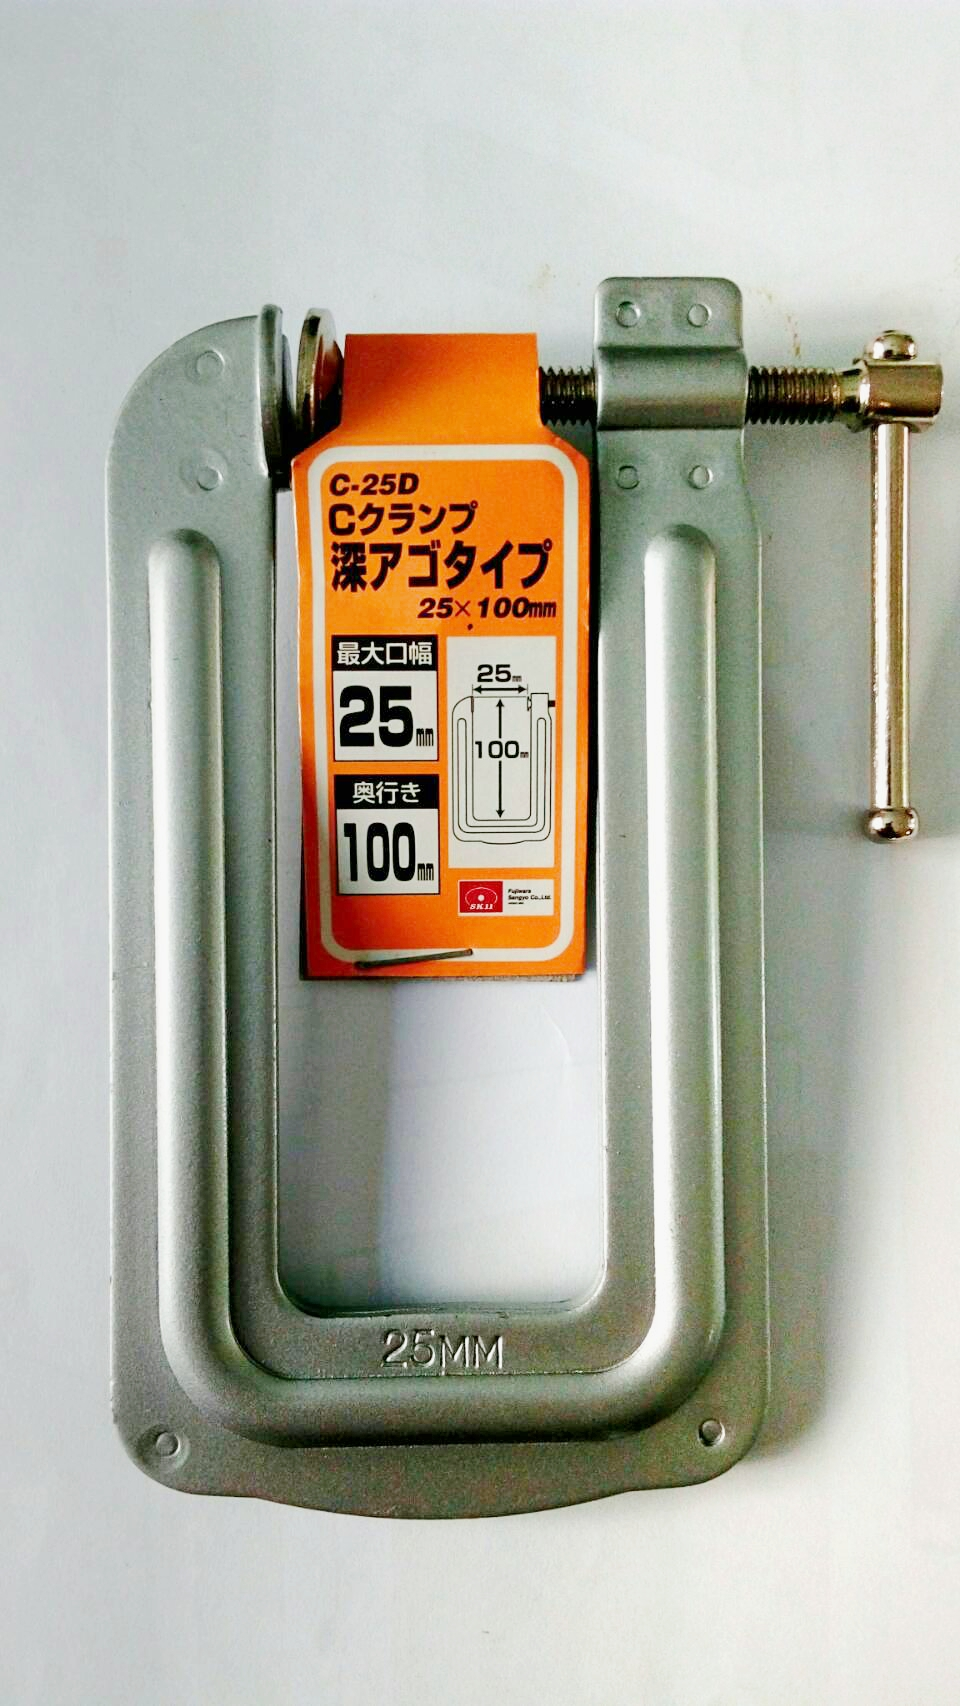 SK-11 C-25D แคล้มป์ตัว G คอลึก 100 มม. จากญี่ปุ่น (G-Clamp Deep Mouth)